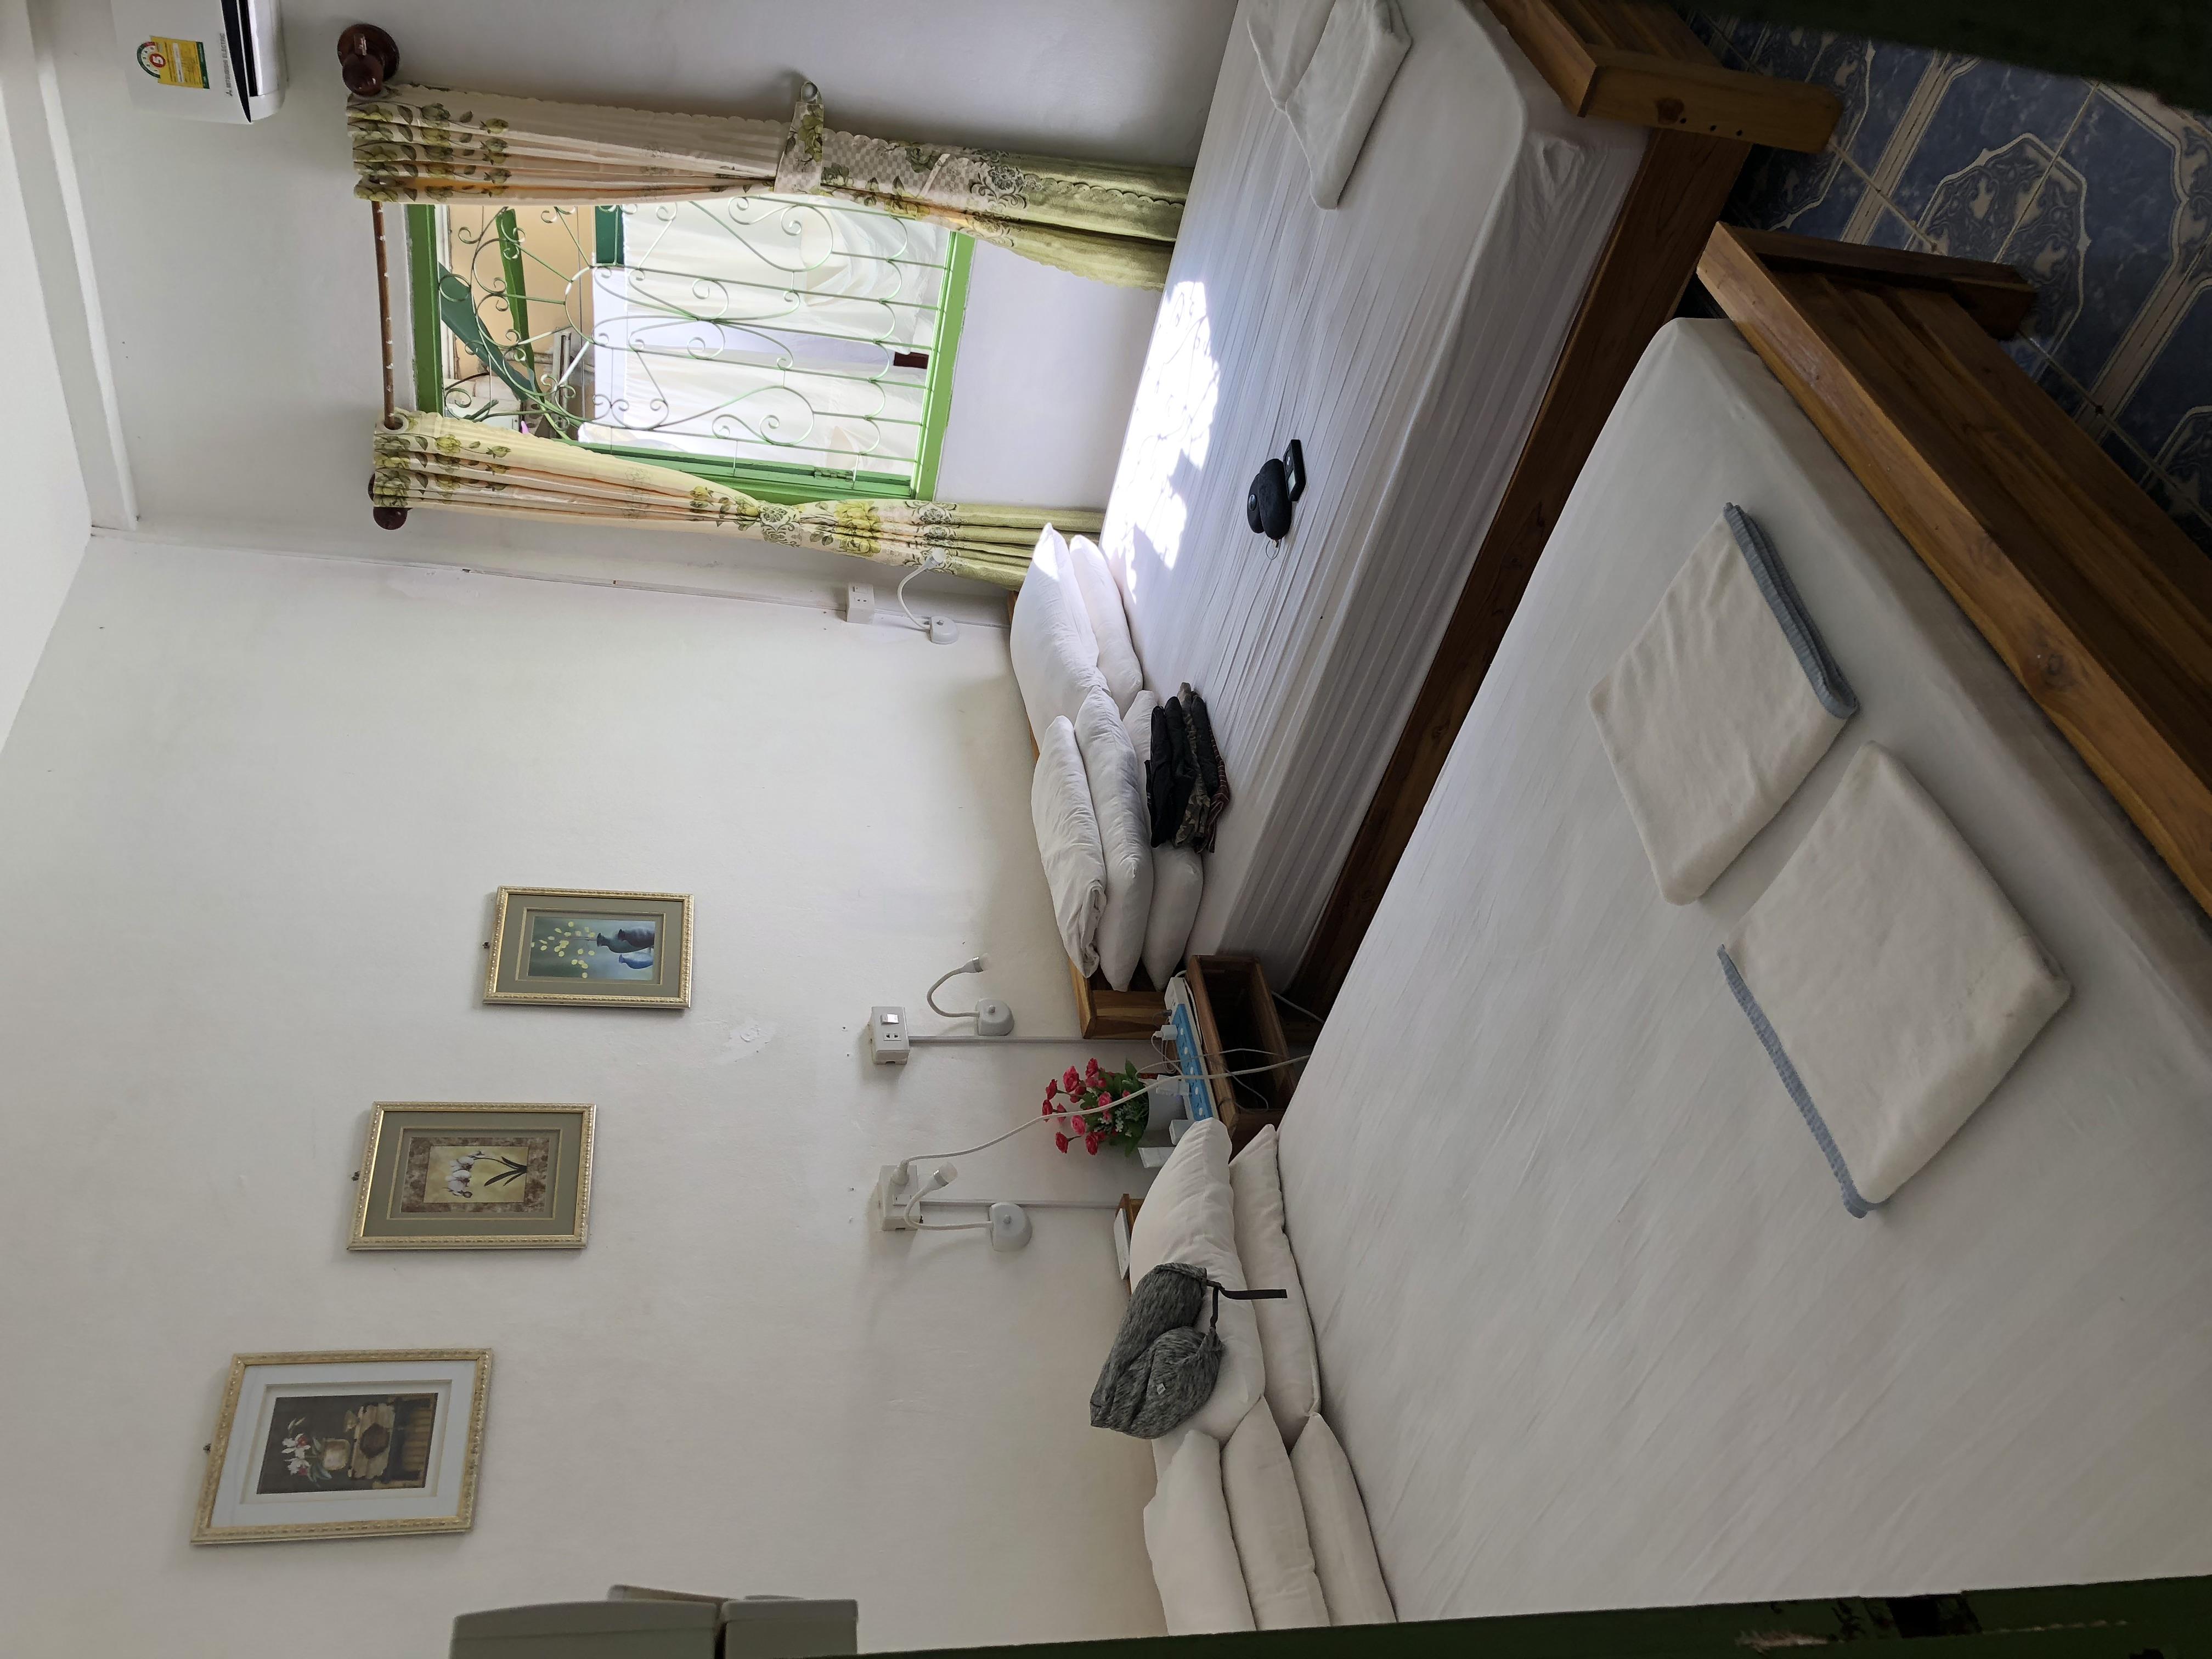 HOSTEL - ThaViSouk Family Home